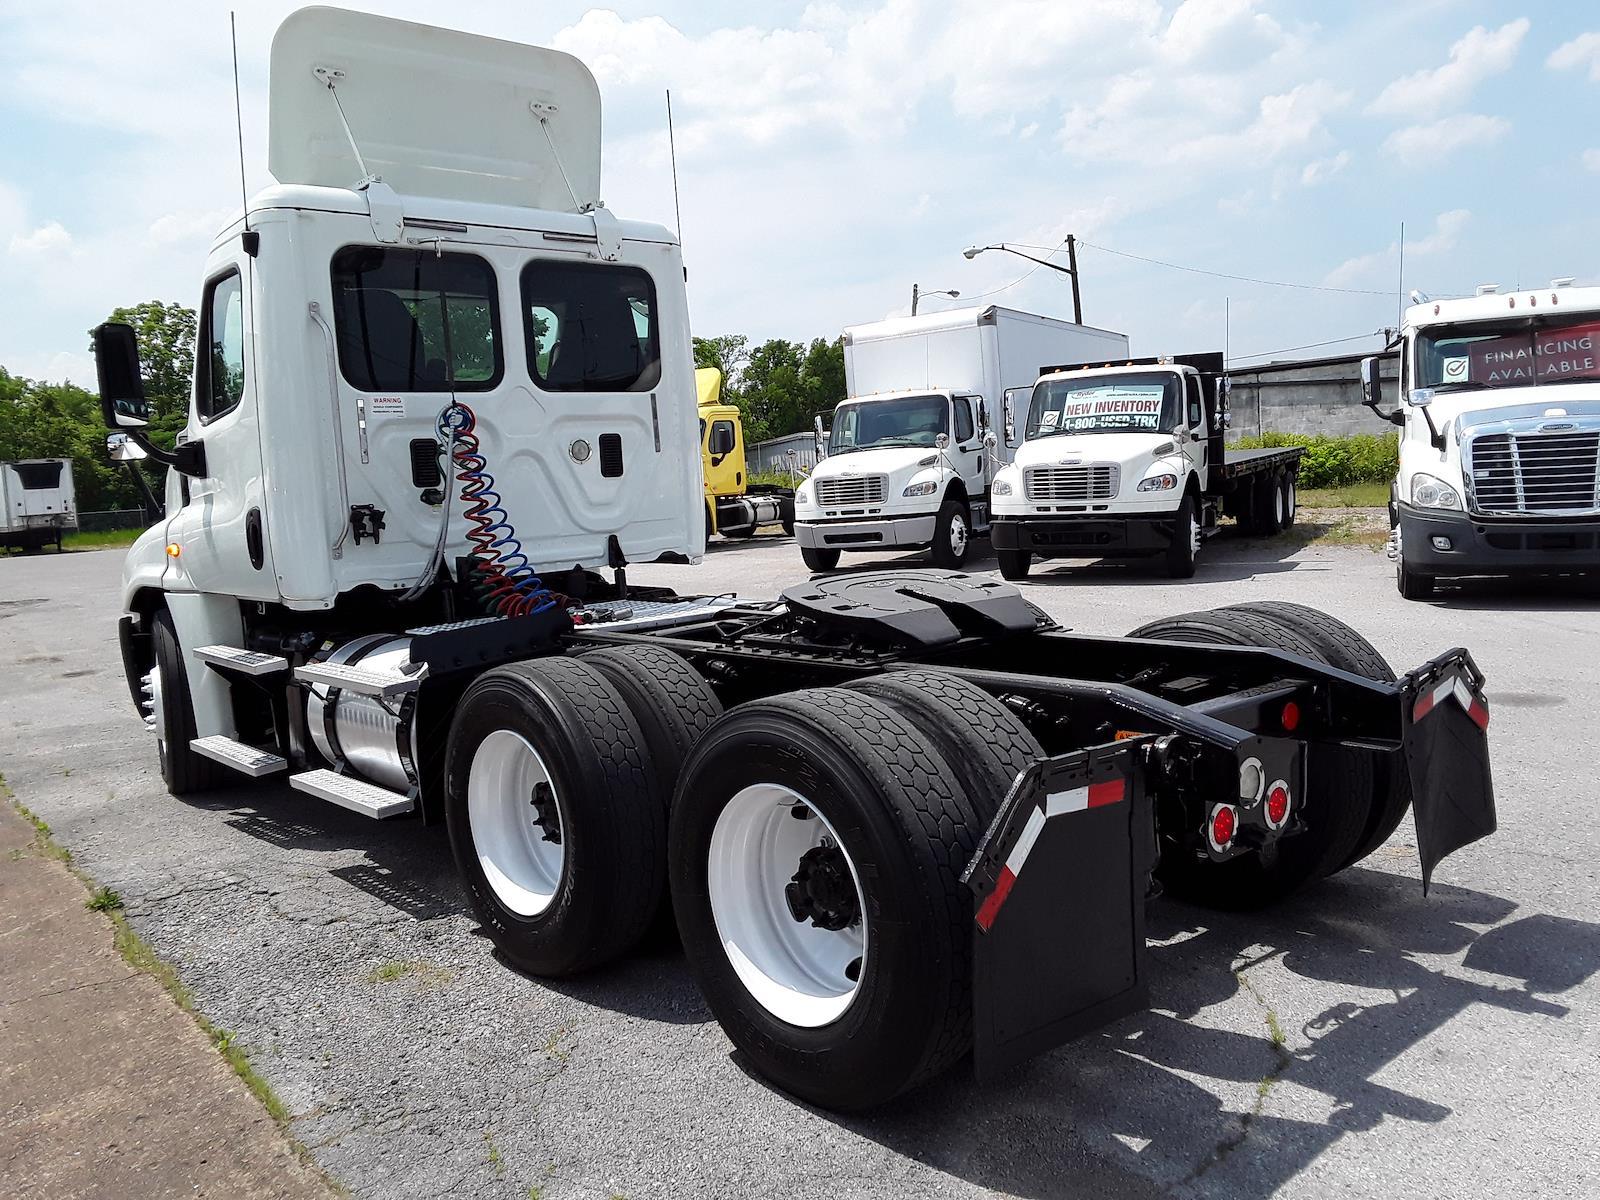 2015 Freightliner Truck 6x4, Tractor #564532 - photo 1